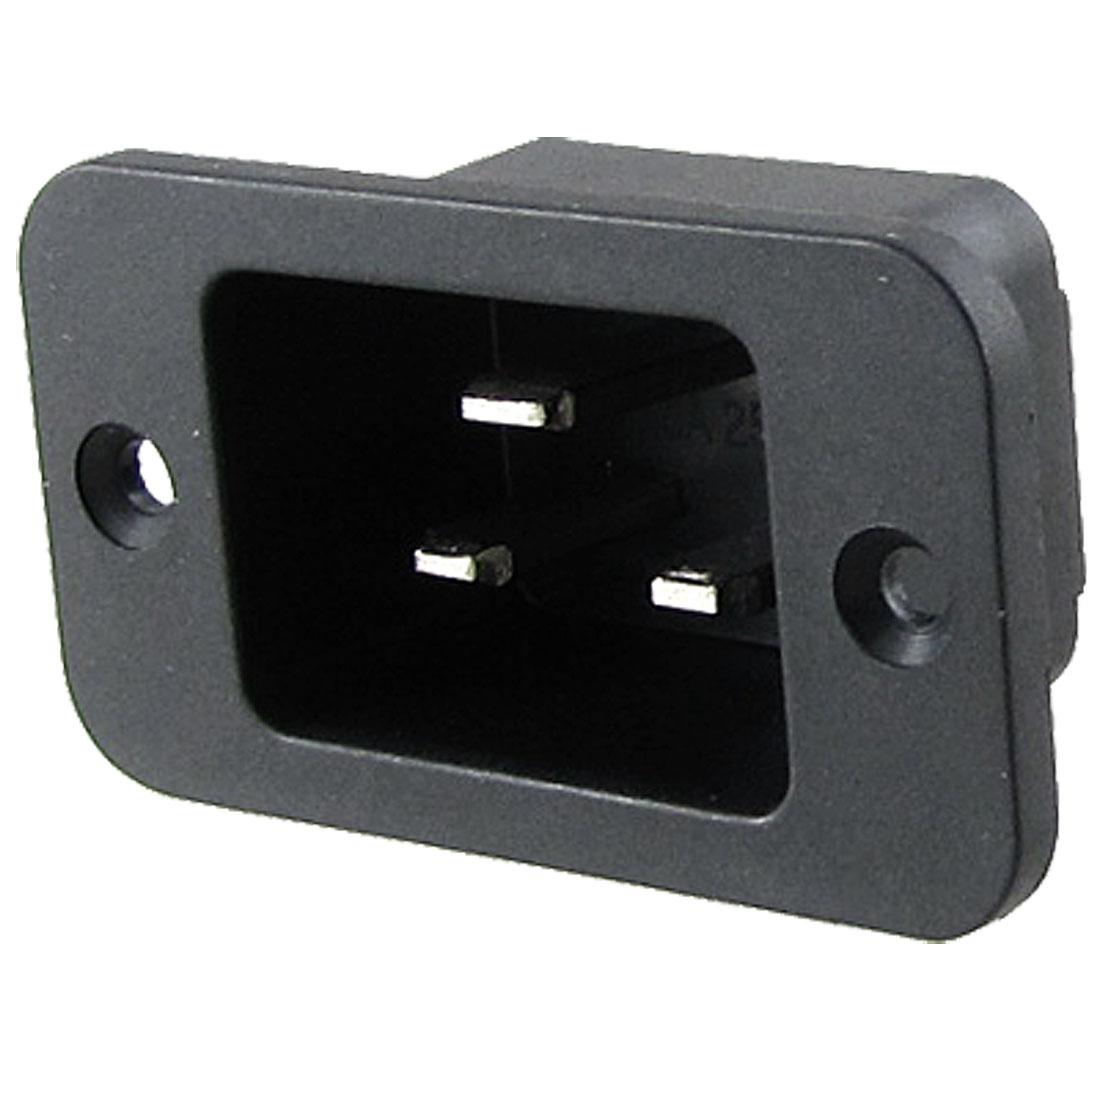 AC 250V 16A 3 Pin Terminals IEC 320 C20 Inlet Power Socket Black